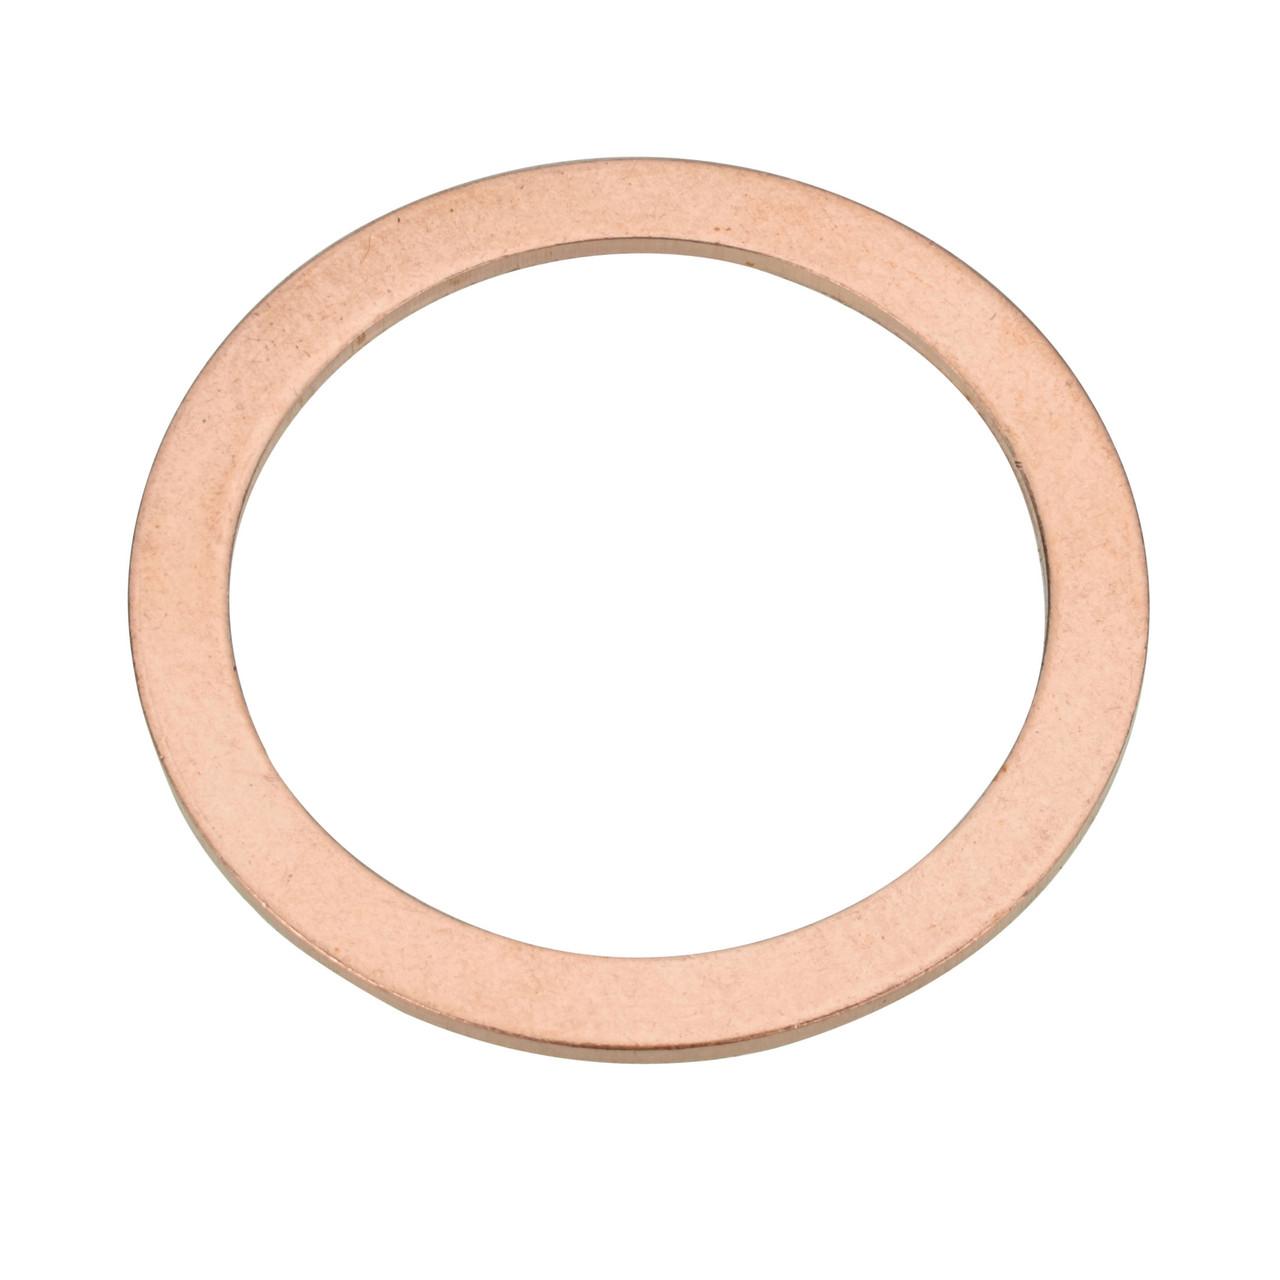 M22 Copper Oil Drain Plug Gasket - Interchanges: Nissan 11026-41B00